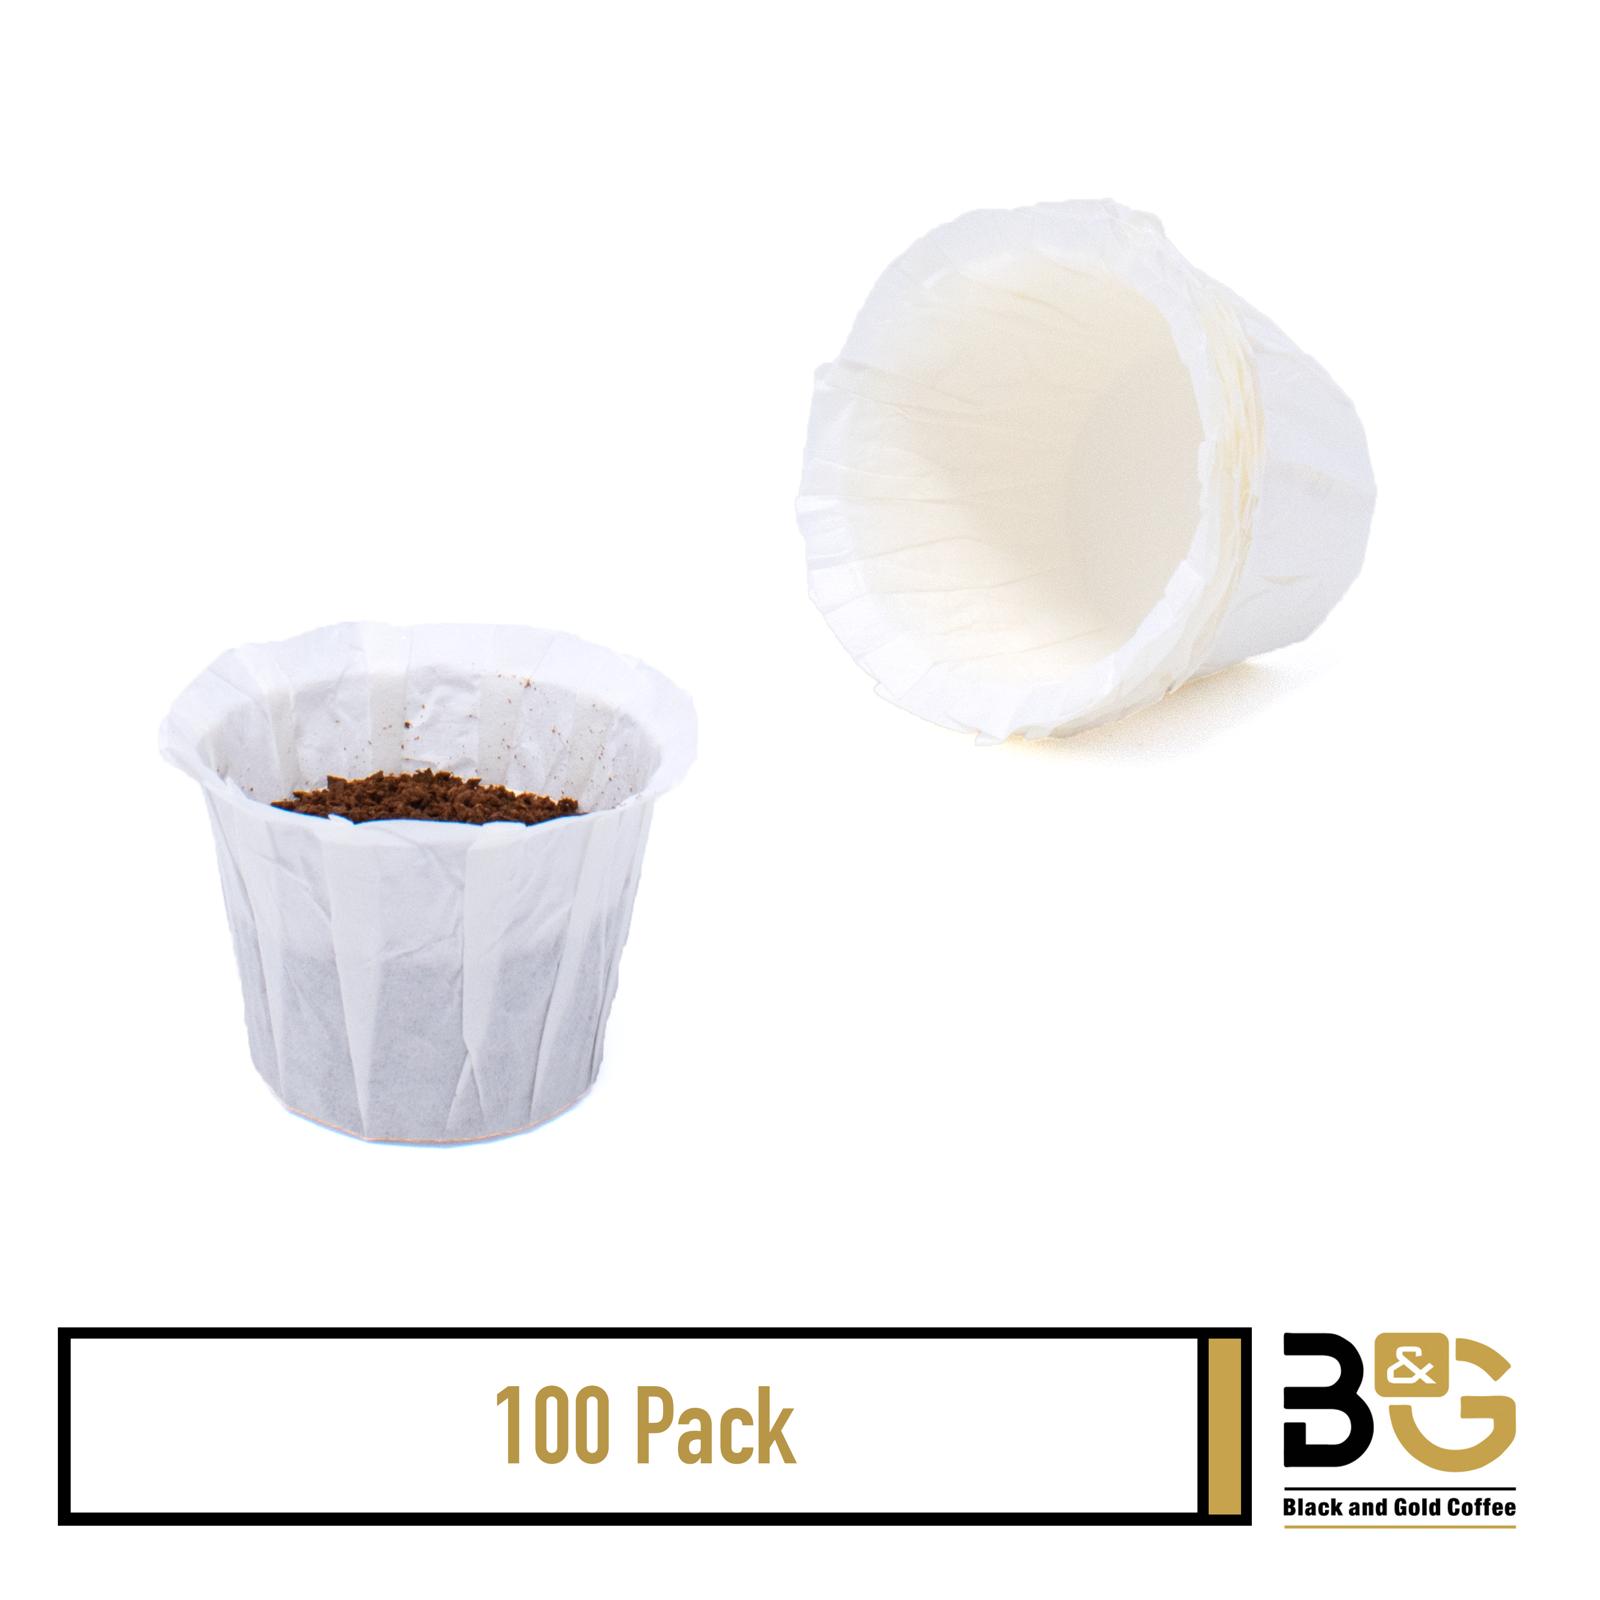 100, 200, 300 - Disposable K Cup Paper Coffee Filters Keurig